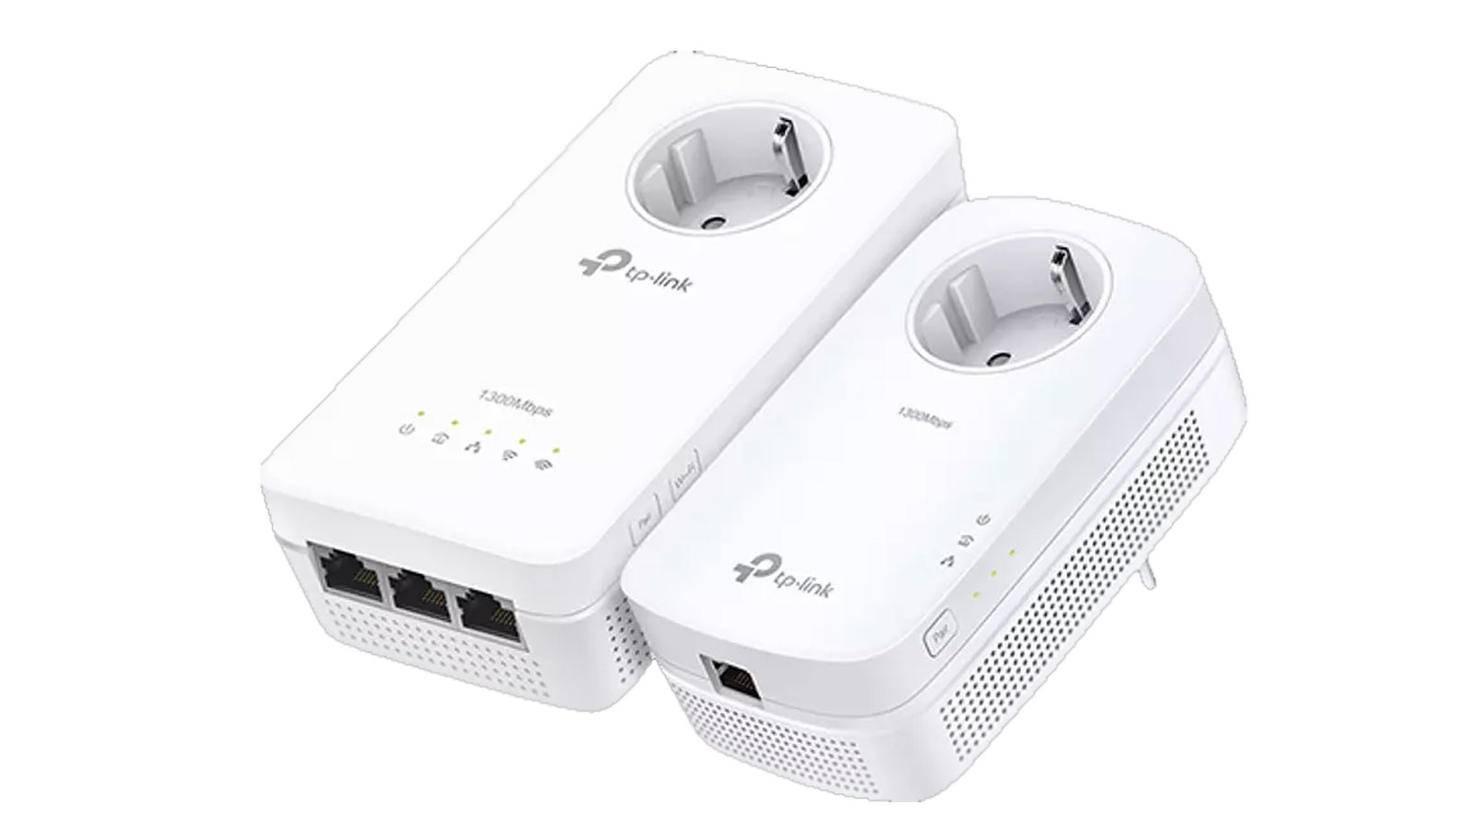 TP-LINK AV1300 Gigabit Powerline